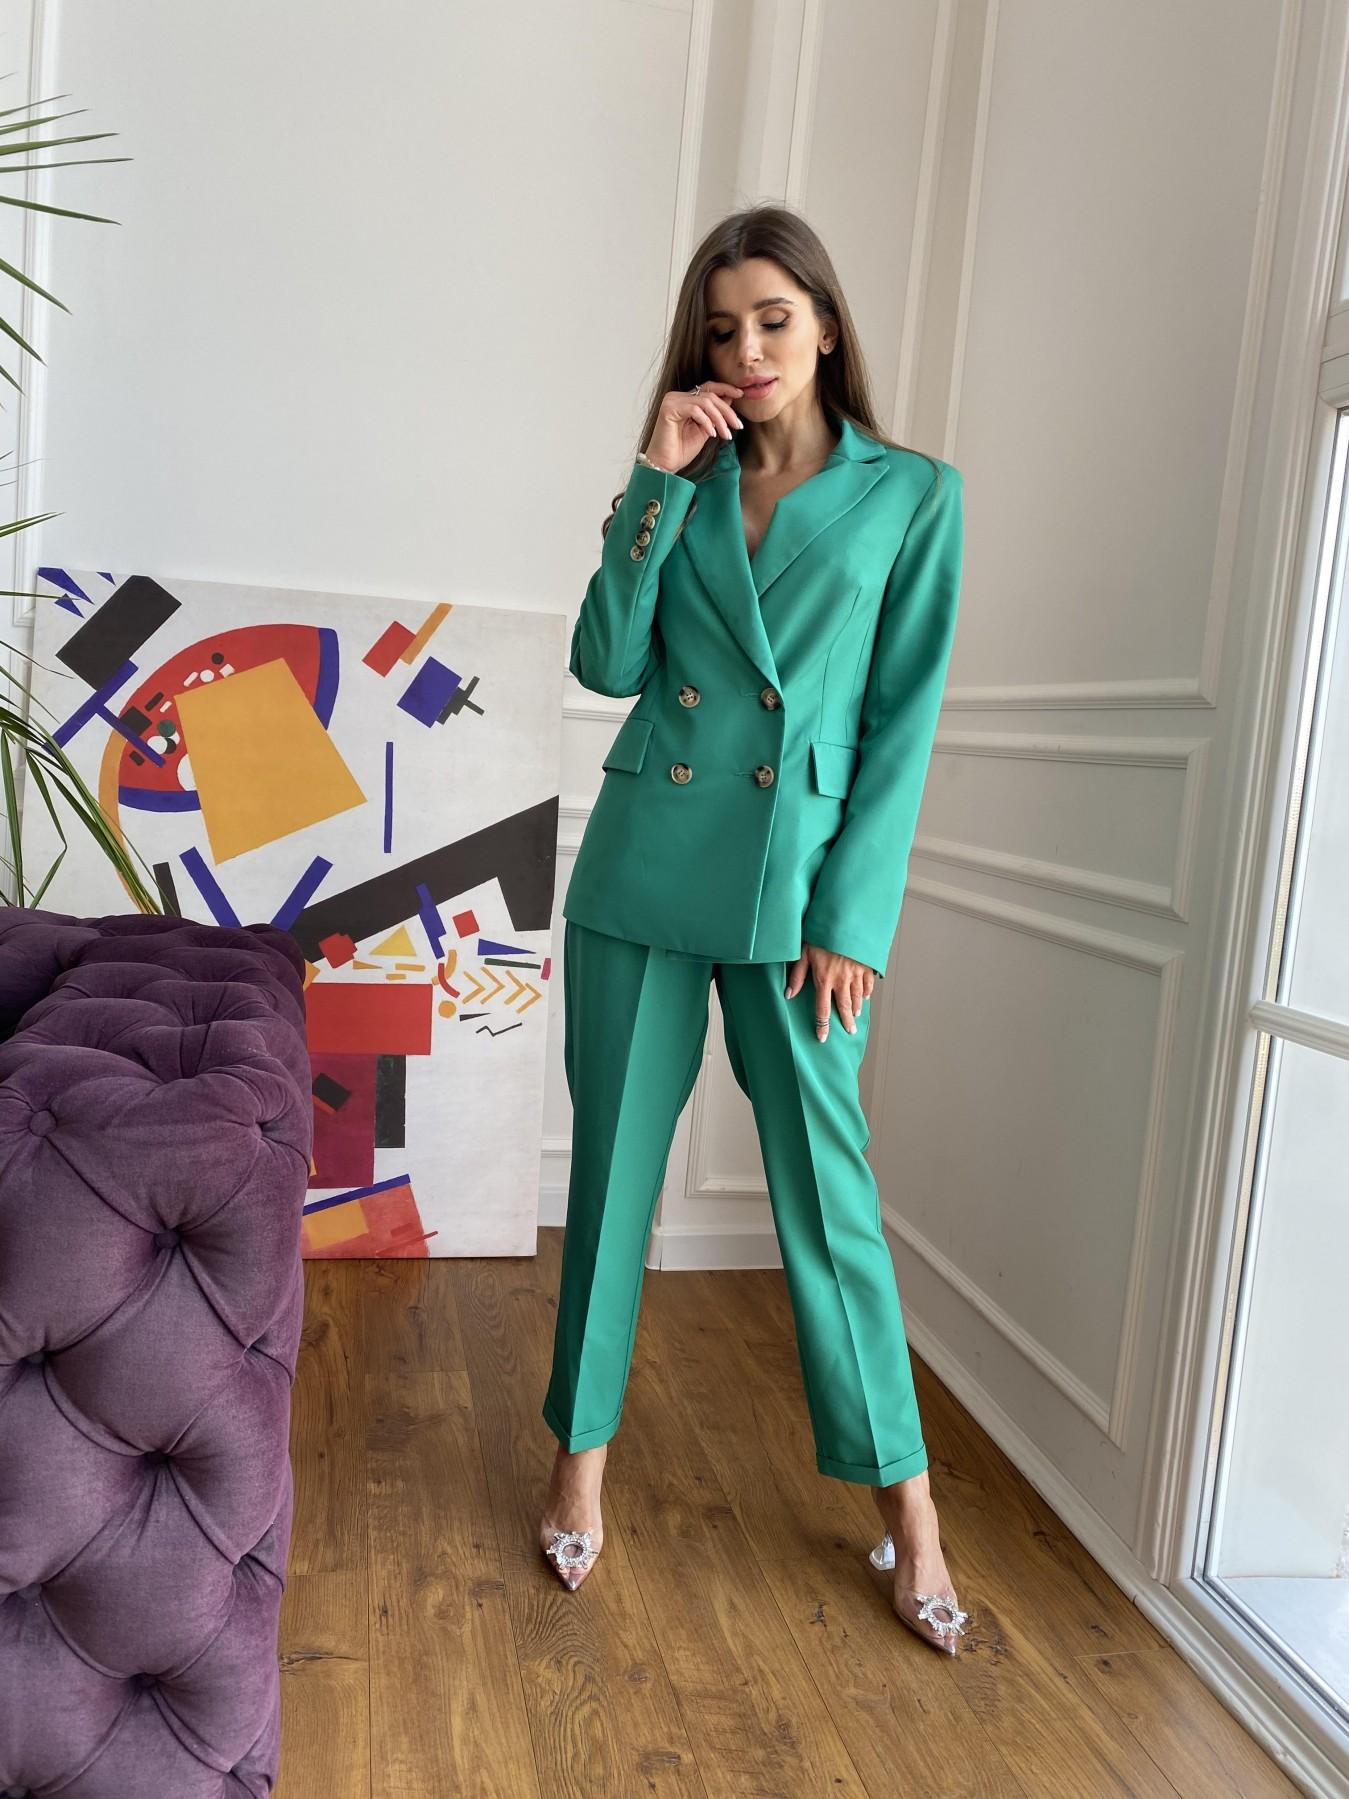 Франко костюм из костюмной ткани 11090 АРТ. 48111 Цвет: Зеленый 2 - фото 8, интернет магазин tm-modus.ru